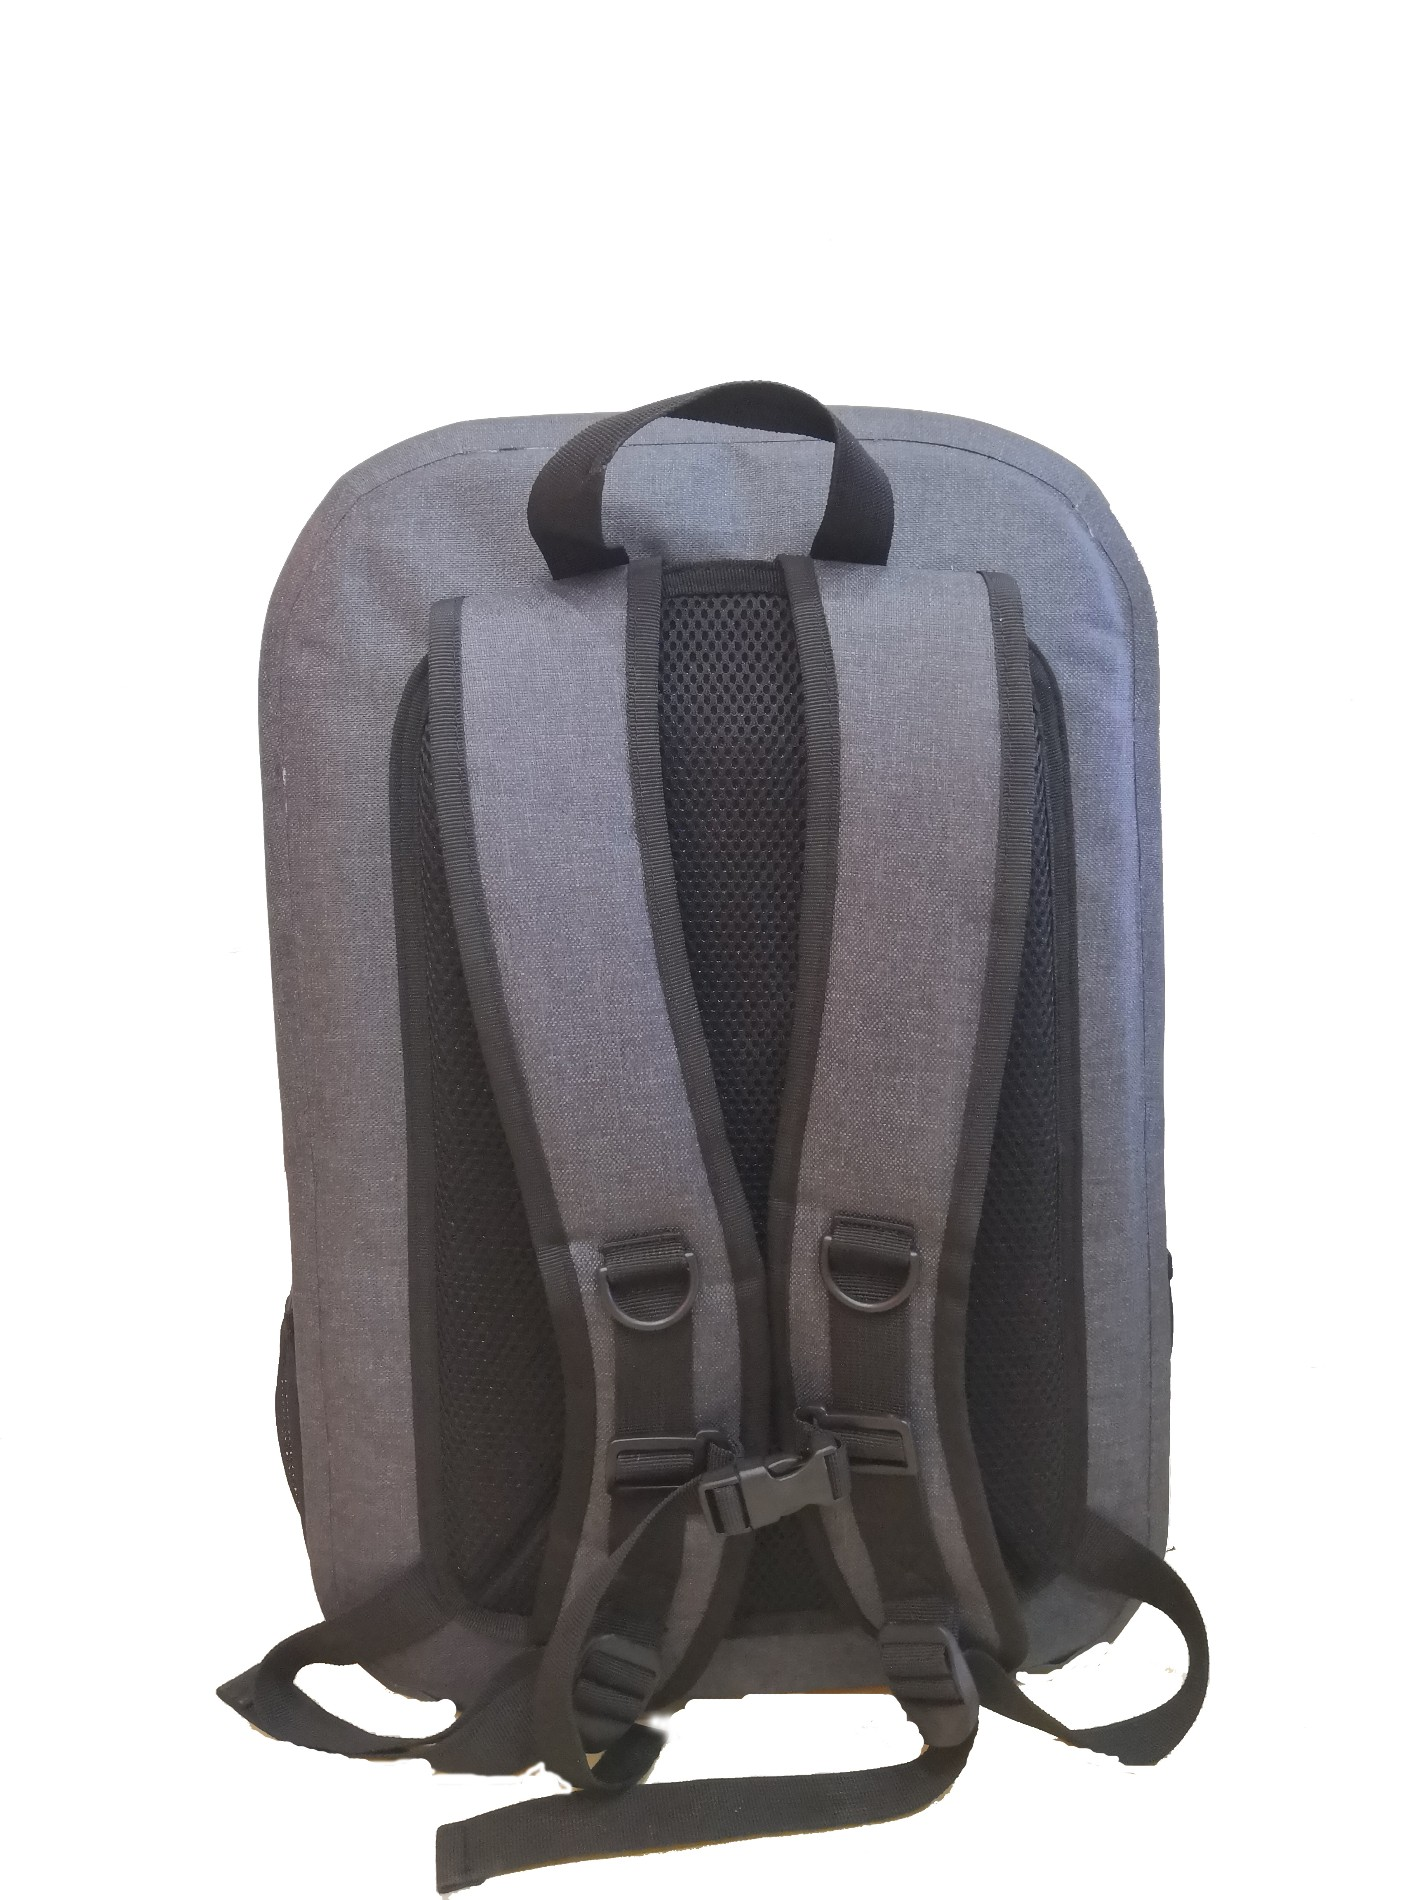 Travel Backpack Waterproof Manufacturers, Travel Backpack Waterproof Factory, Supply Travel Backpack Waterproof